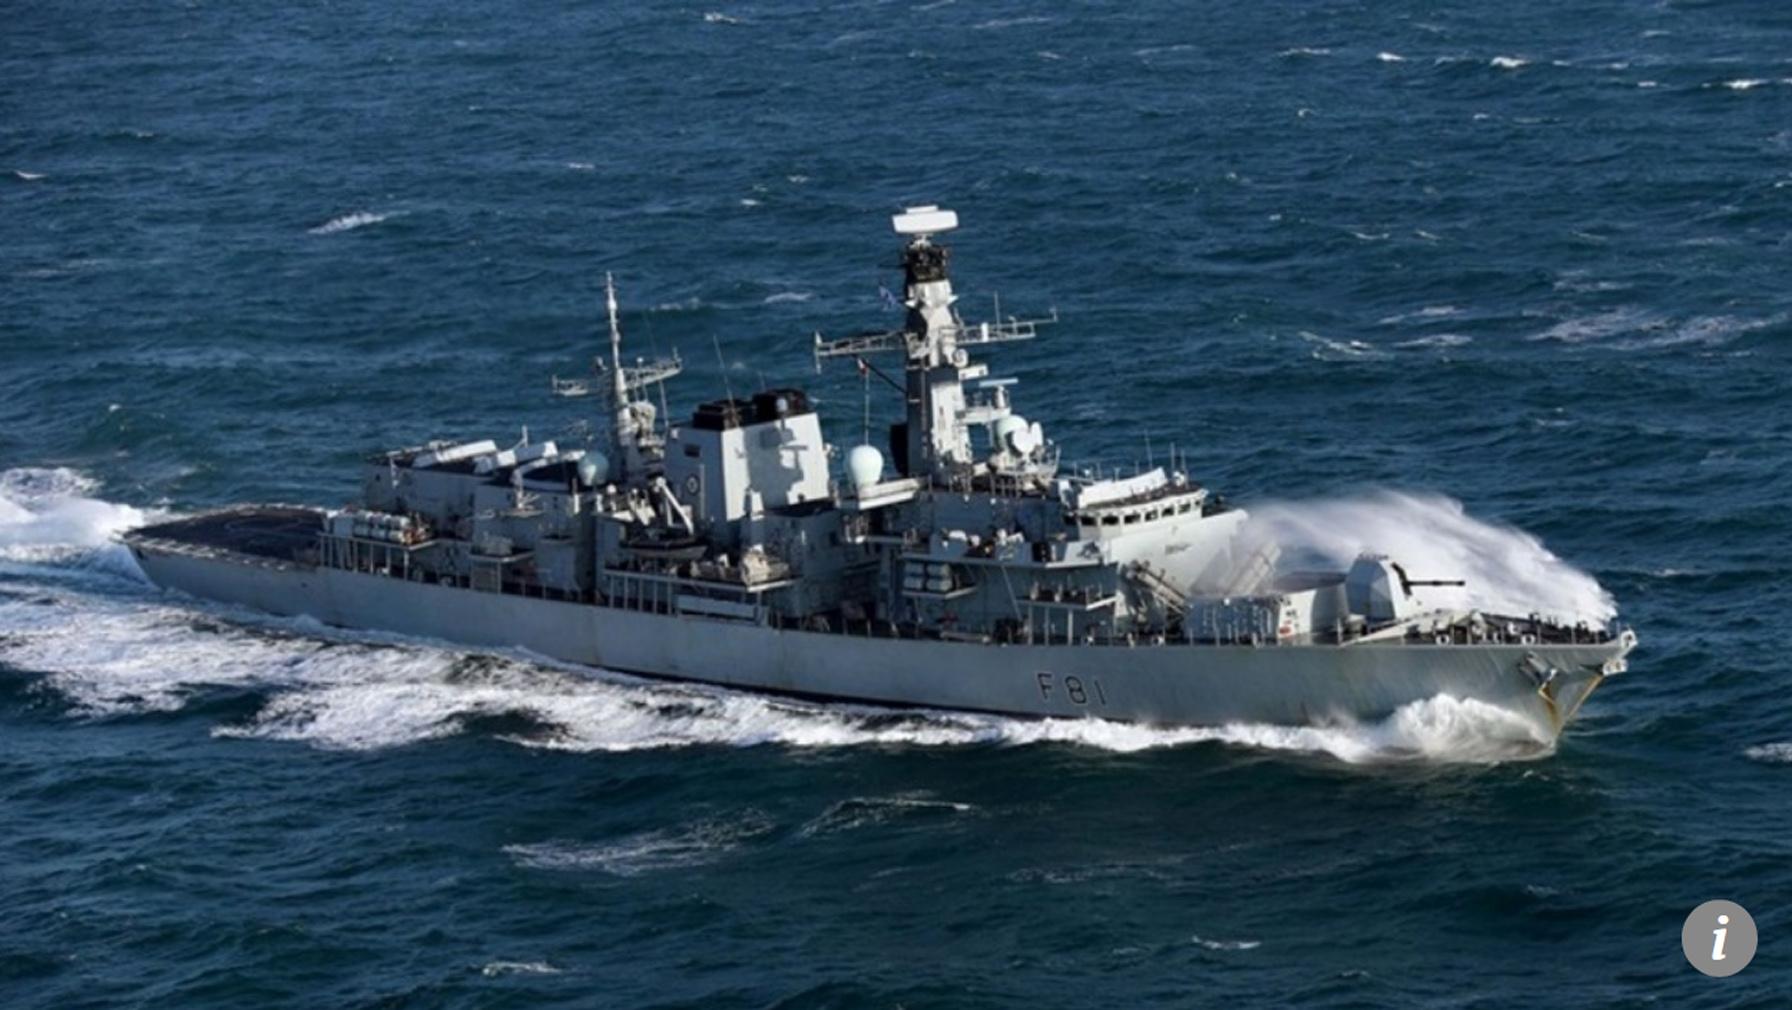 Tàu săn tàu ngầm của Anh sẽ đi ngang qua Biển Đông vào tháng tới